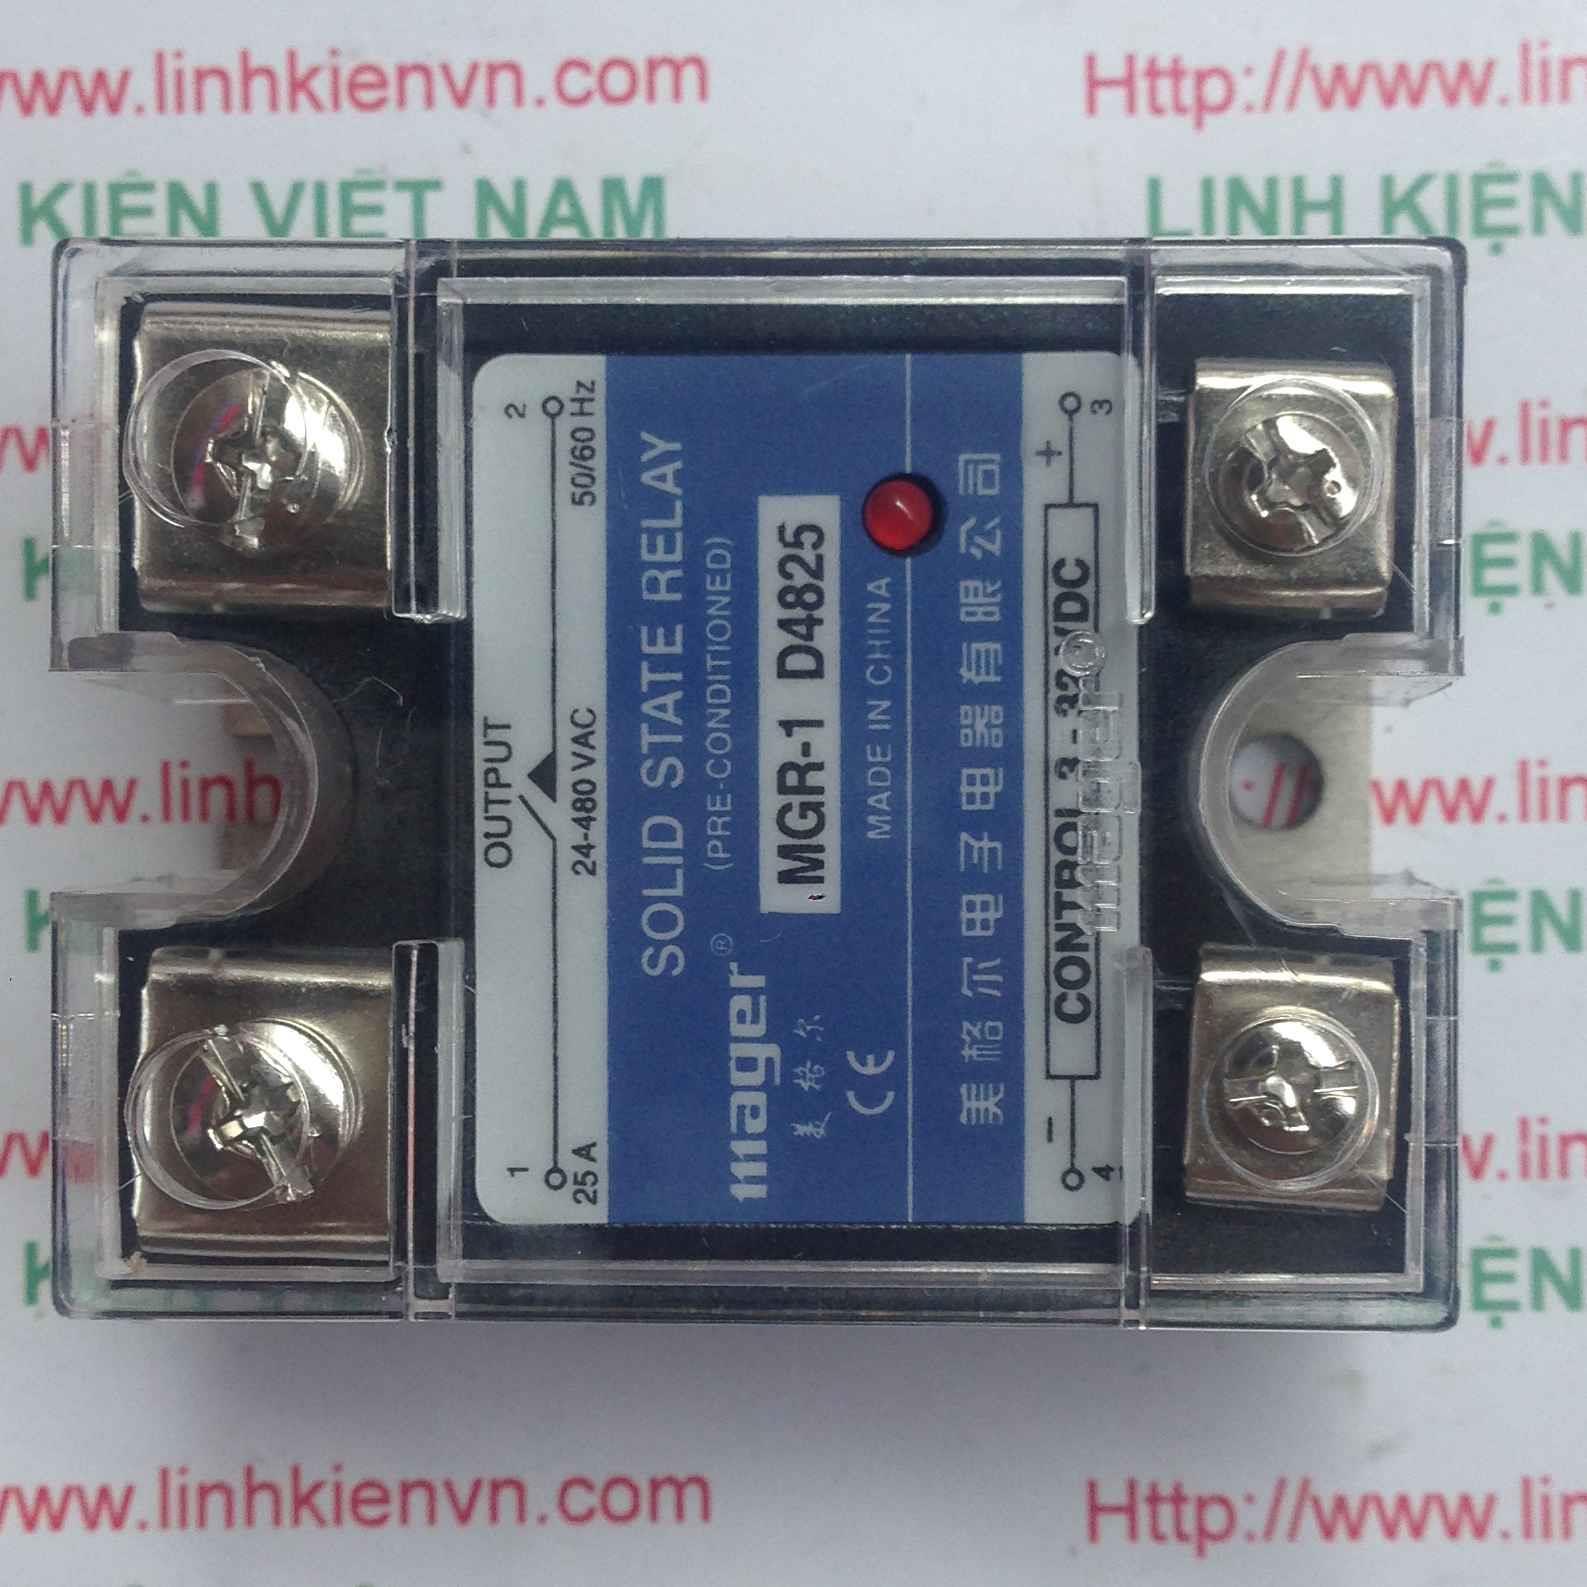 Relay bán dẫn SSR 25A MGR-1 D4825/Solid relay Mager - I3h10 (KB4H3)